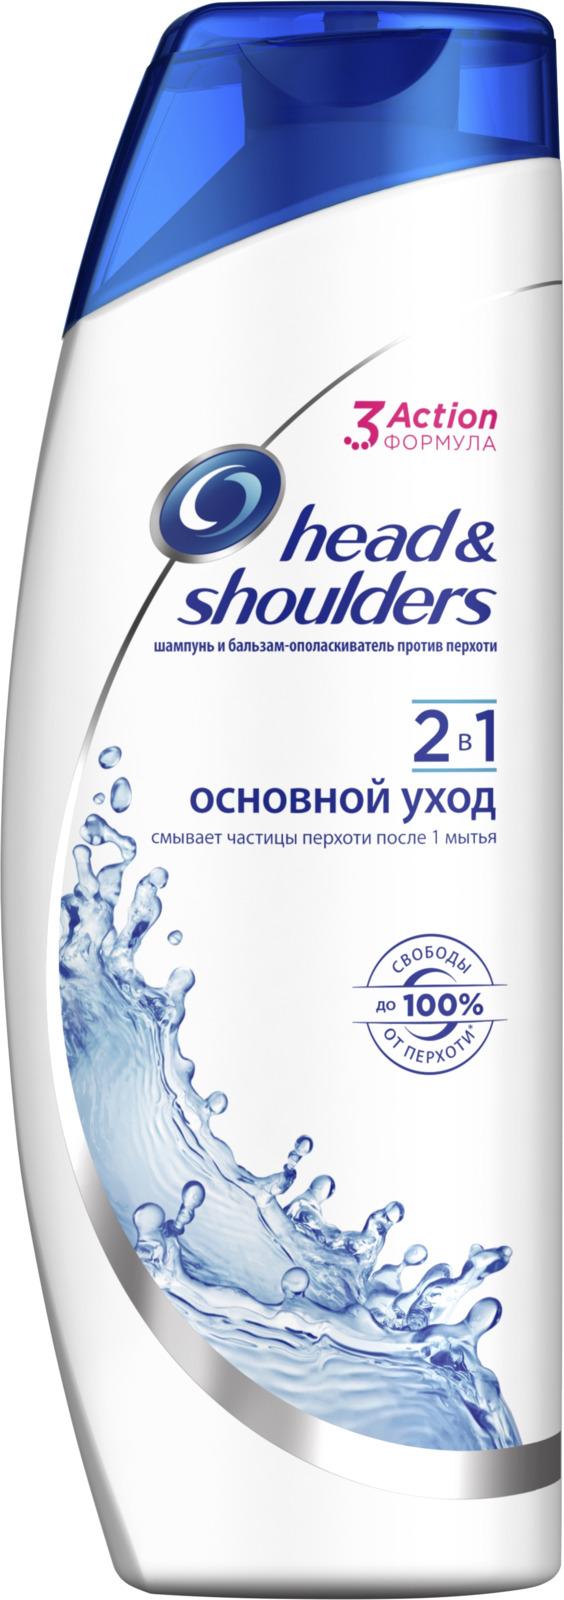 """Шампунь и бальзам-ополаскиватель Head&Shoulders """"Основной уход"""", 2в1, против перхоти, 400 мл"""